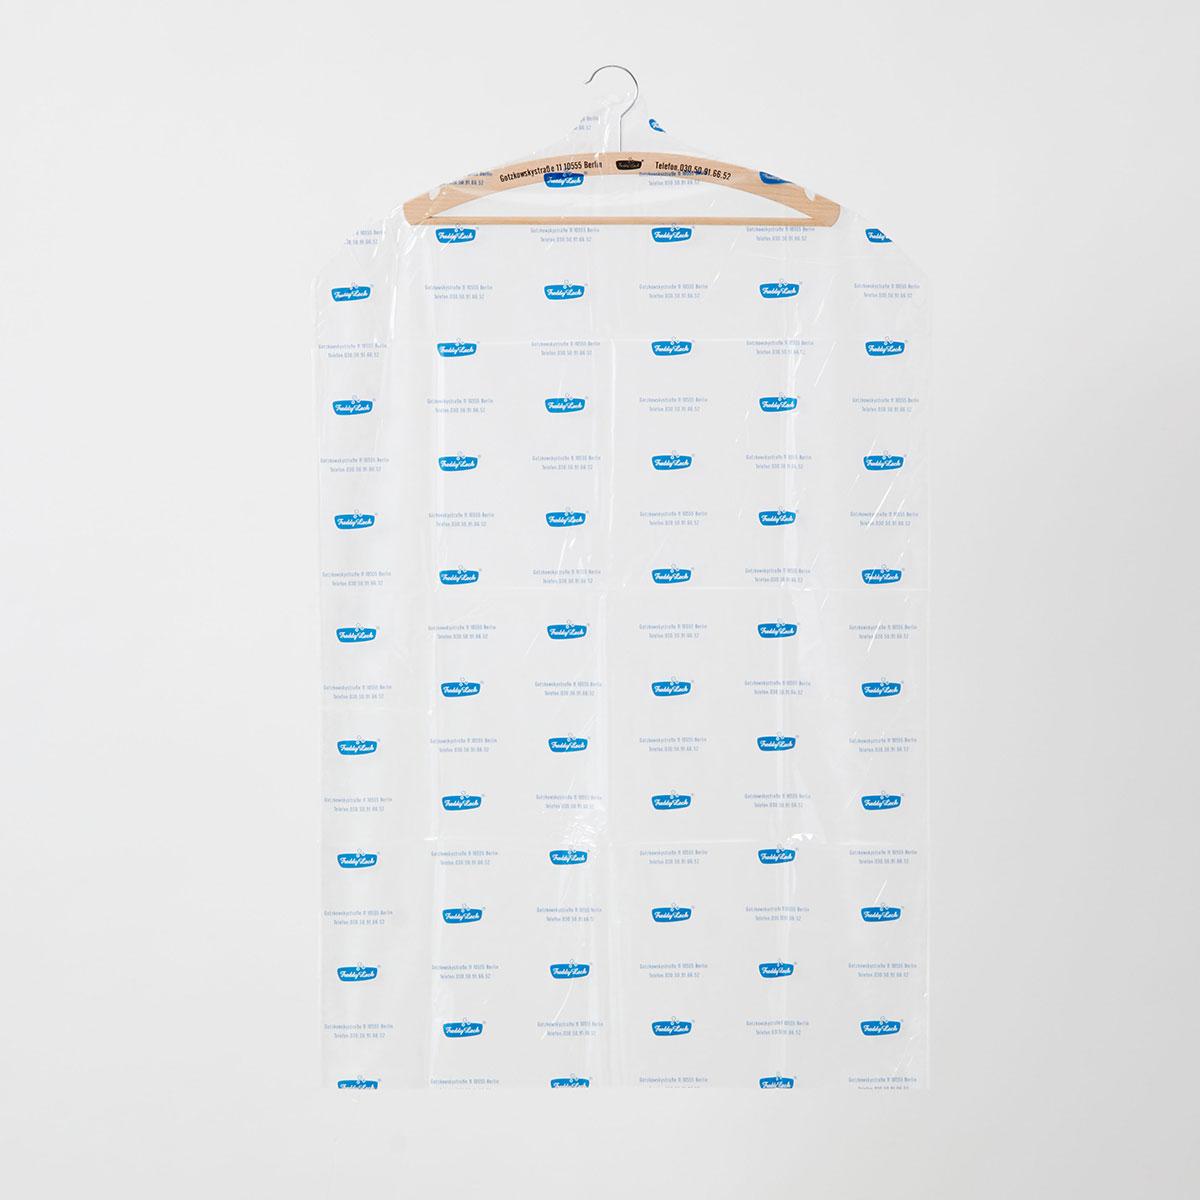 軽量不織布を使用しているため、通気性に優れ、衣類を湿気のこもりやホコリから守ります。